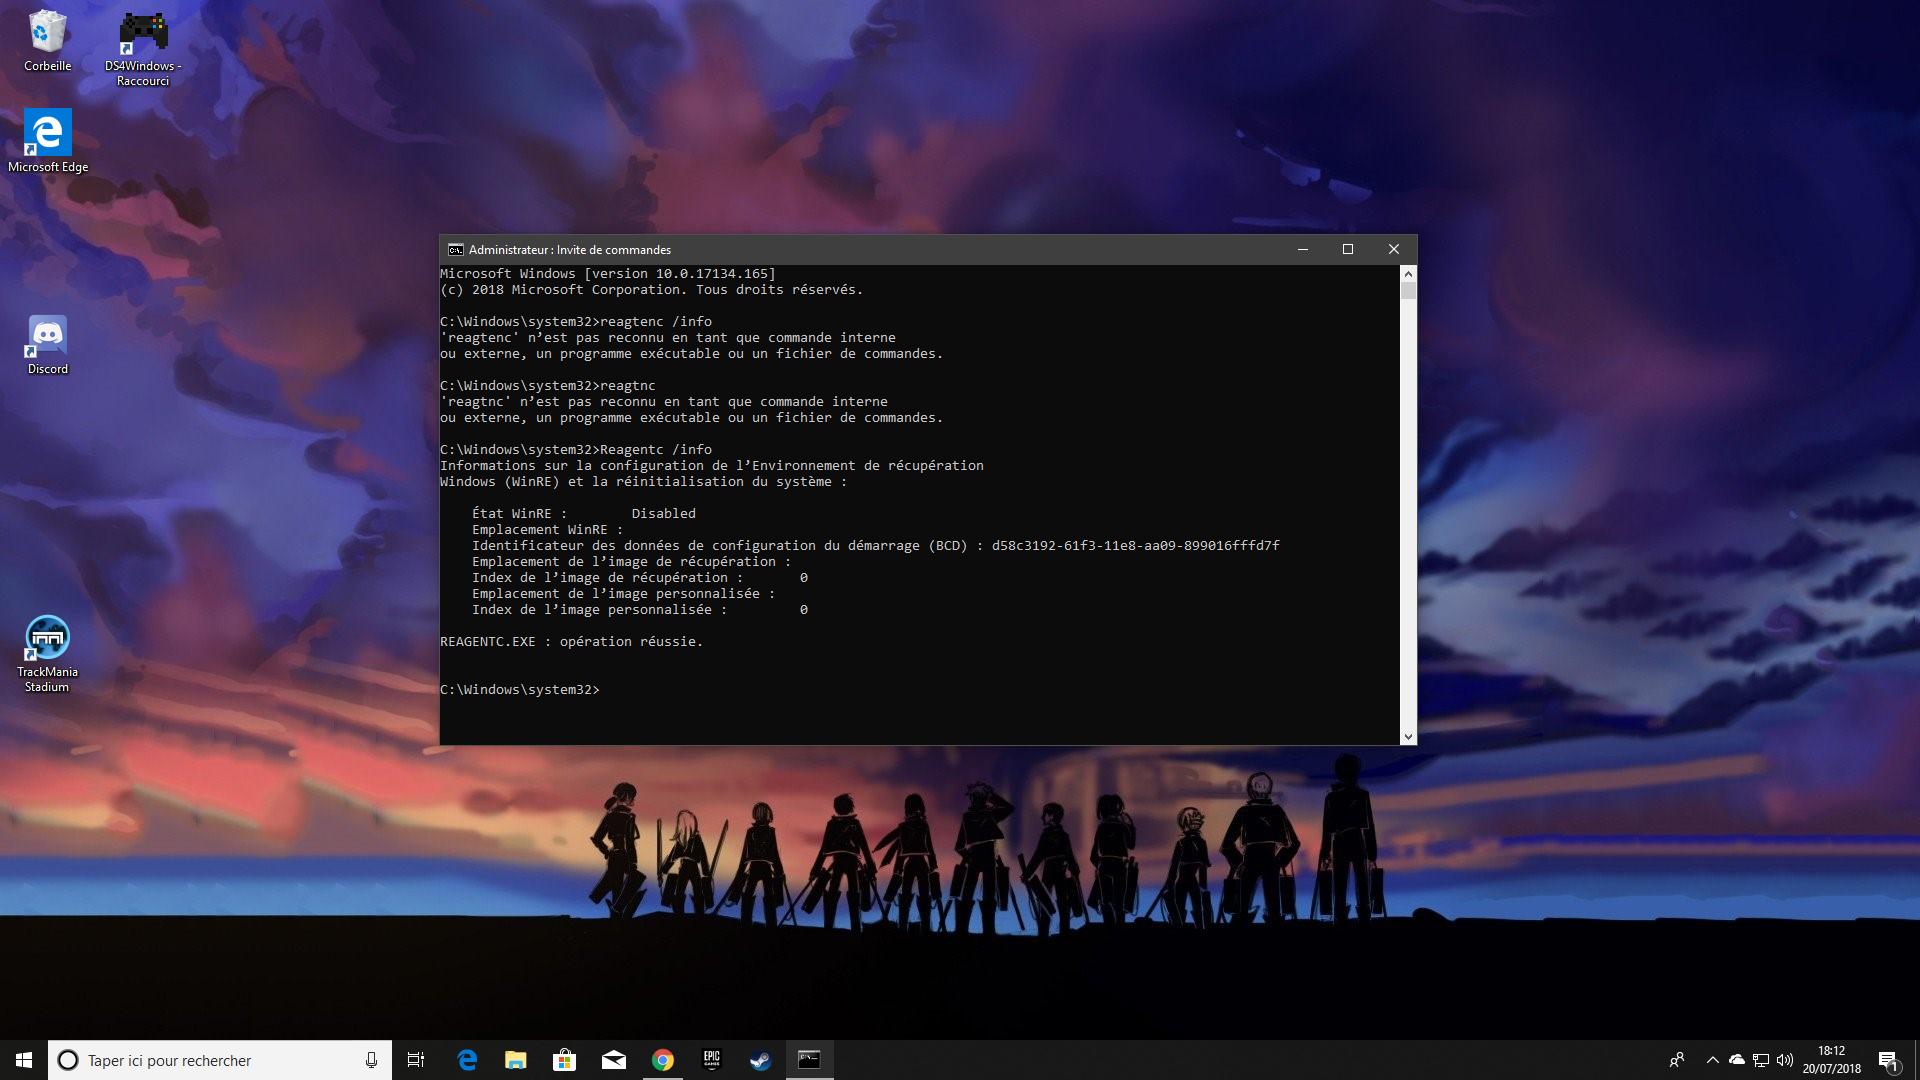 Nest Pas Reconnu En Tant Que Commande Interne Windows 10